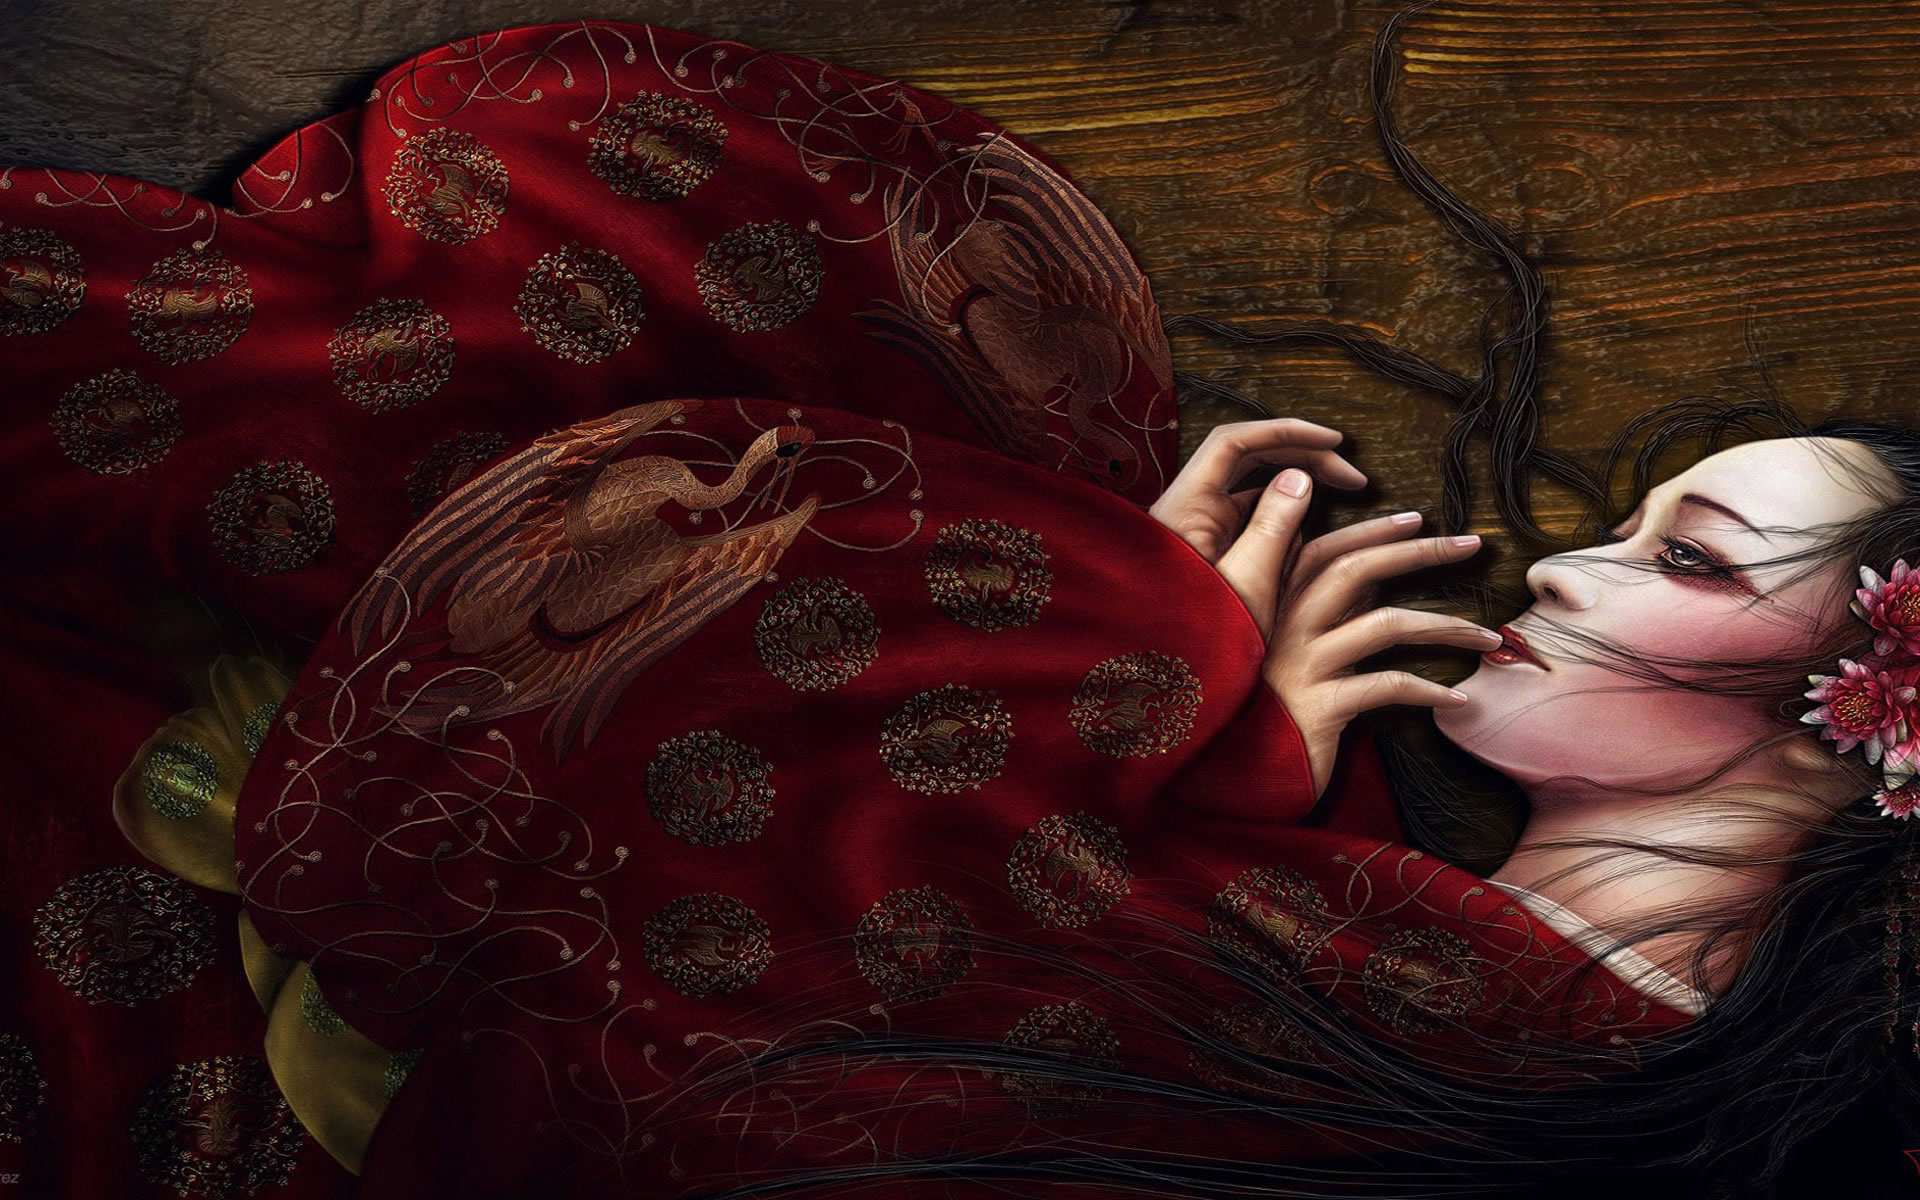 Geisha Wallpaper Imgenes de Miedo y Fotos de Terror 1920x1200